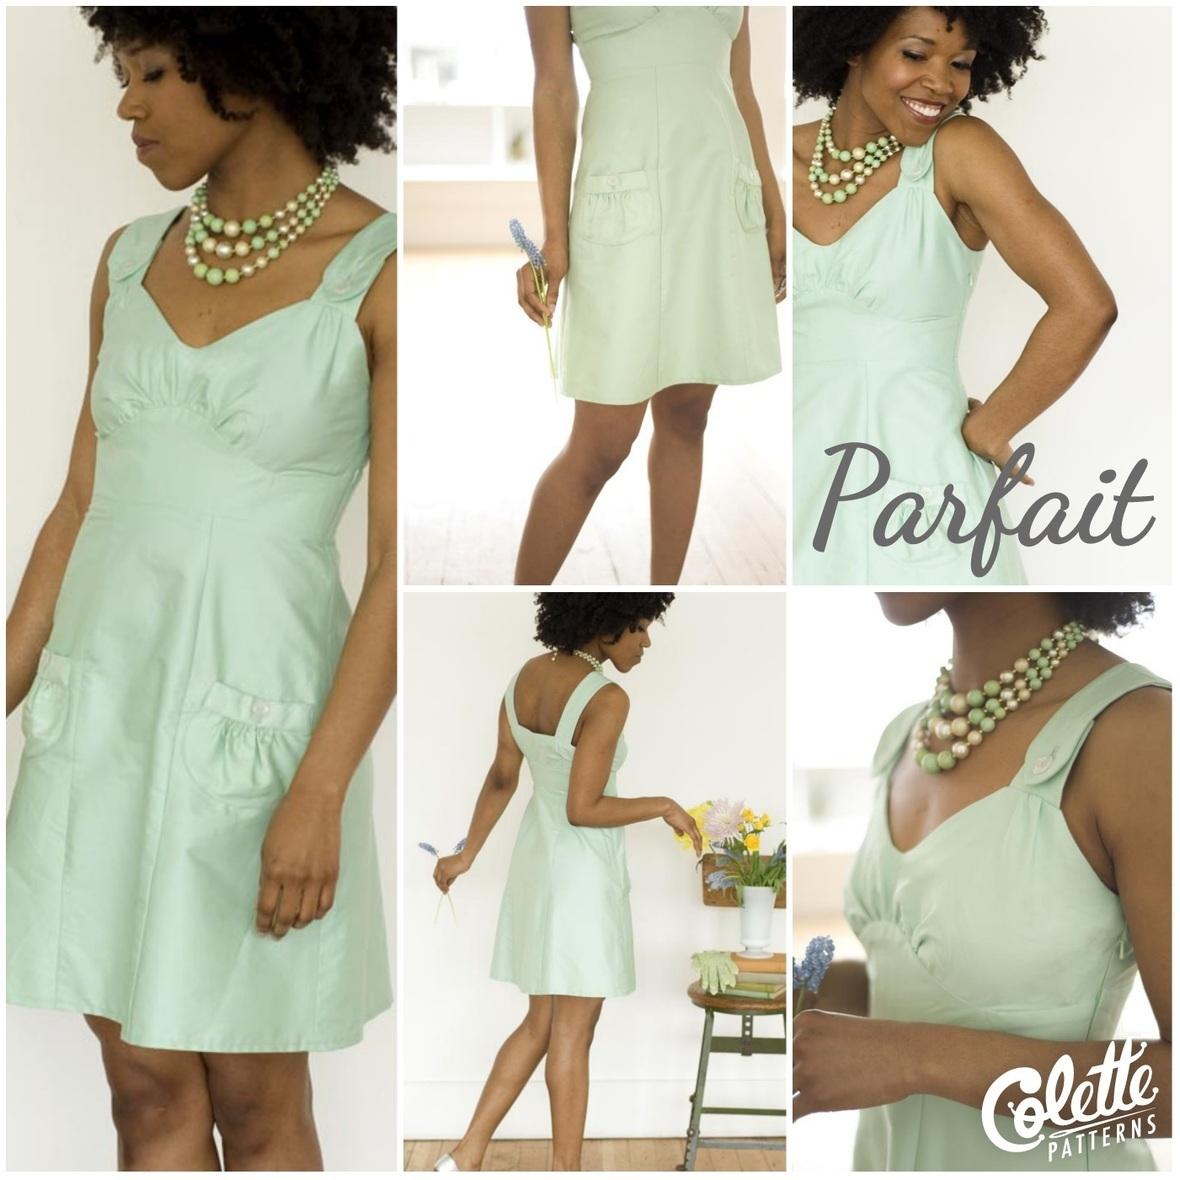 colette patterns parfait dress sewing pattern